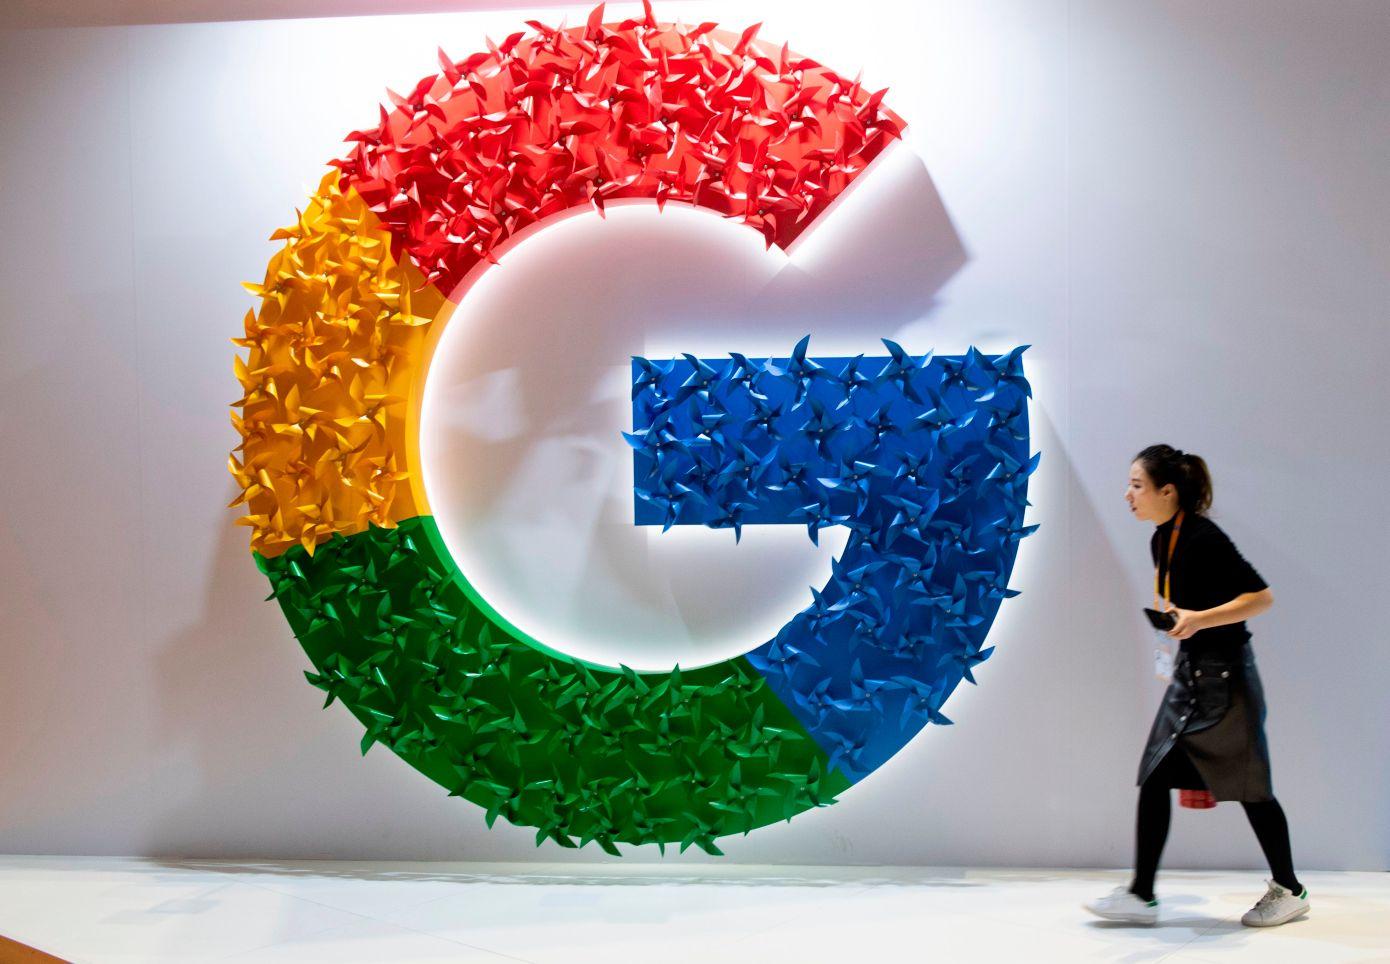 La búsqueda de Google obtiene fragmentos destacados más recientes